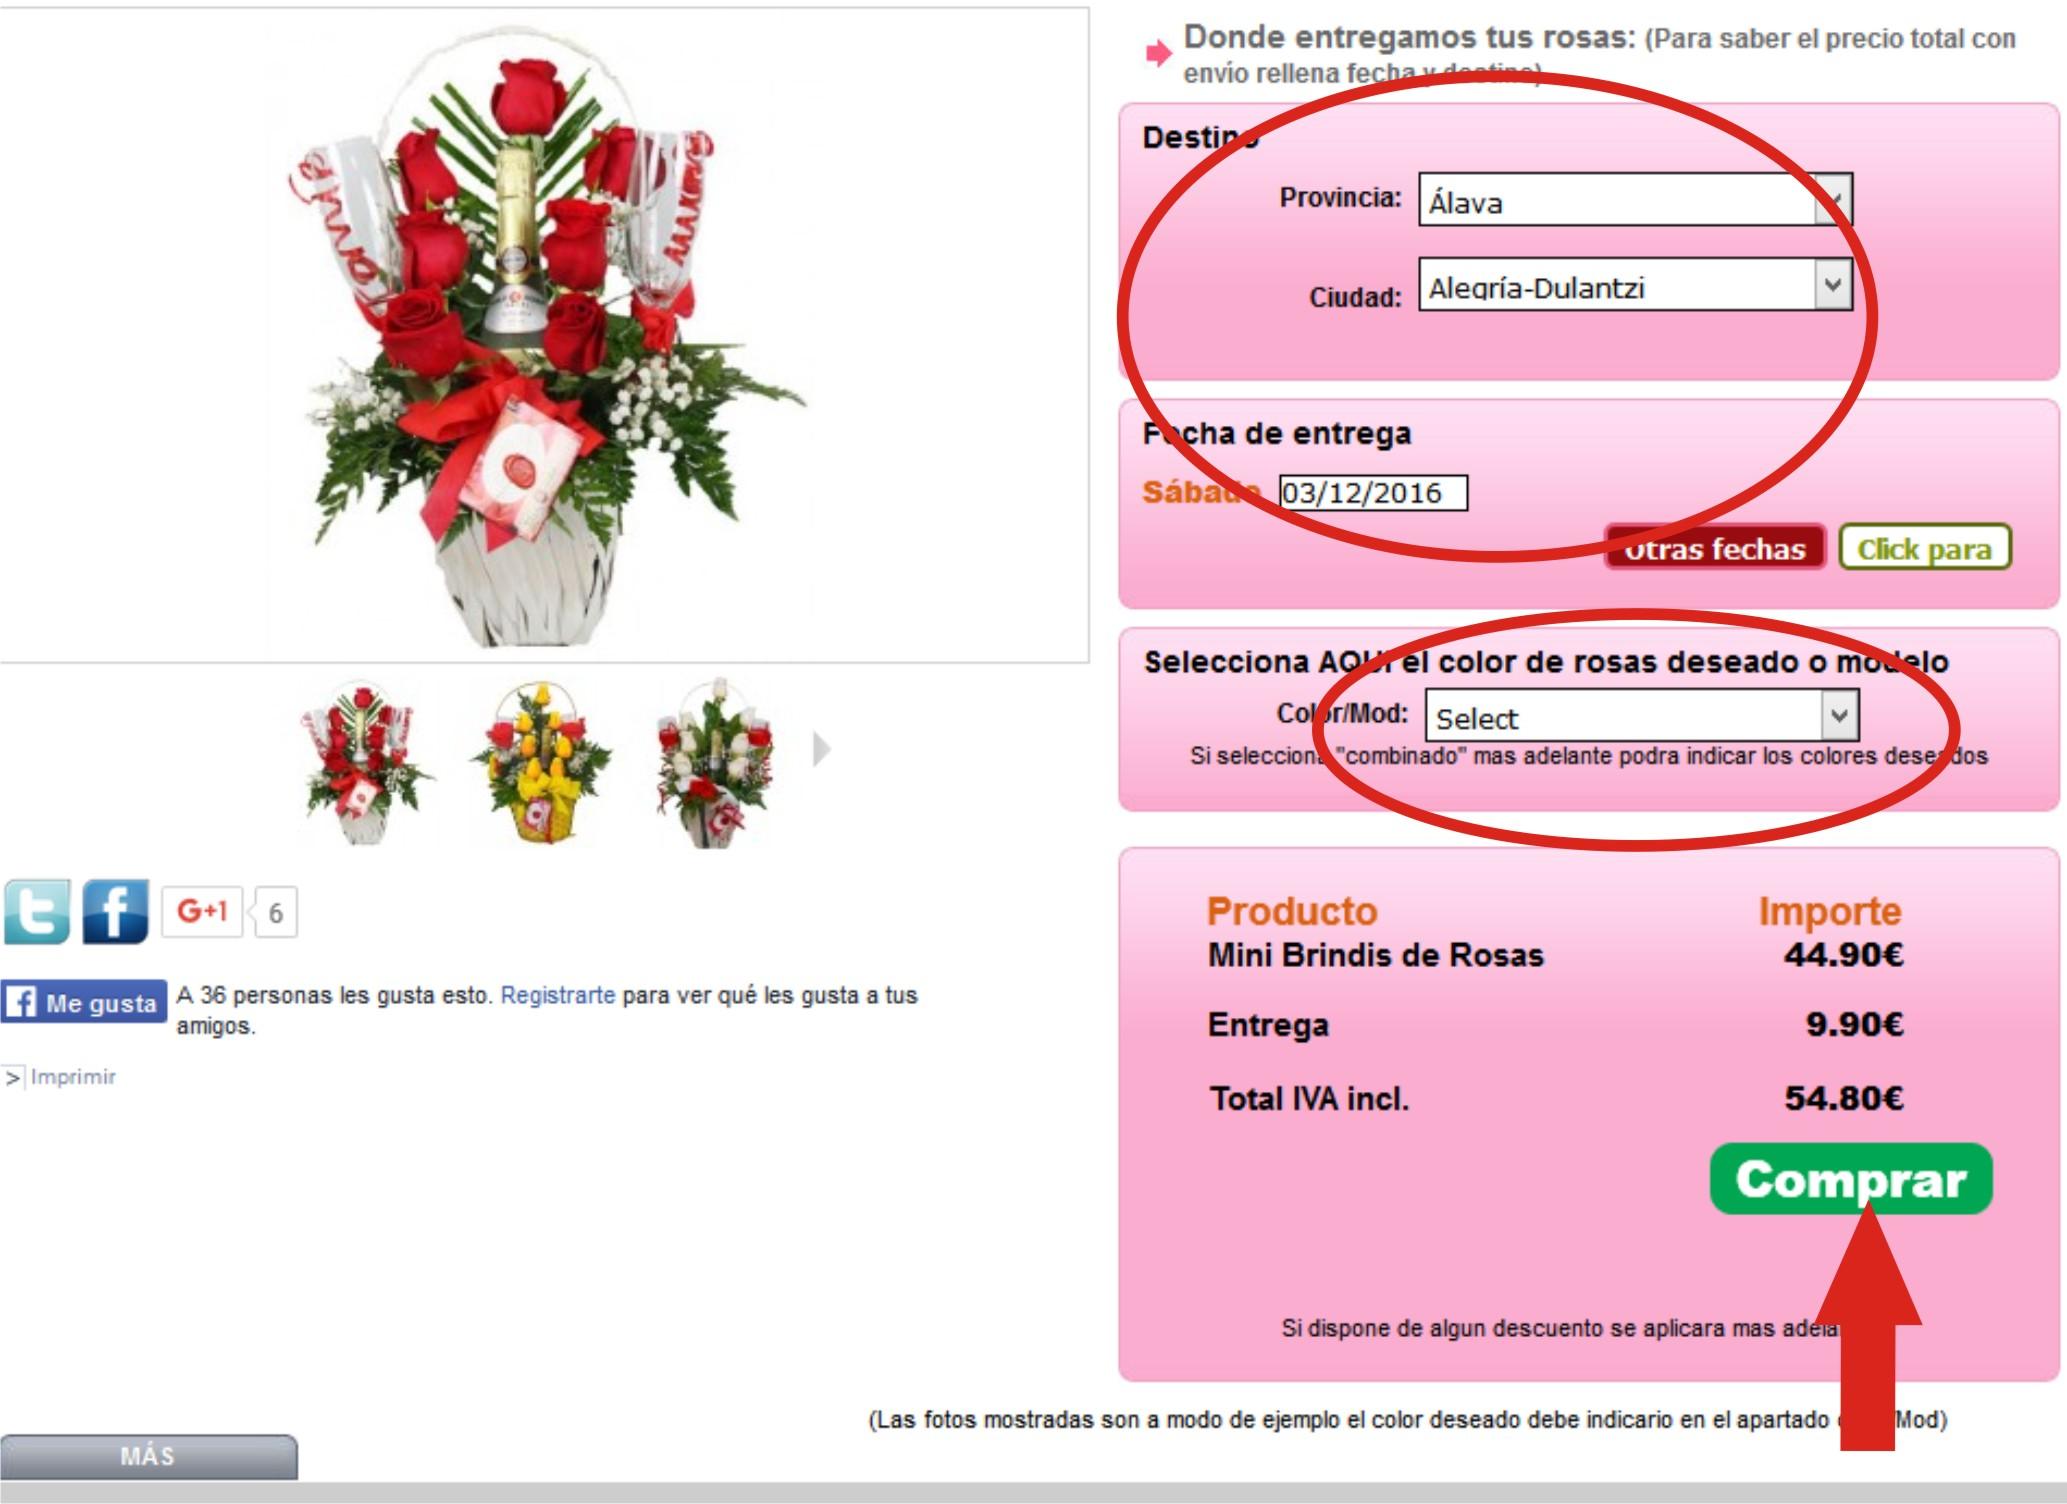 paso 4 como realizar un pedido de flores